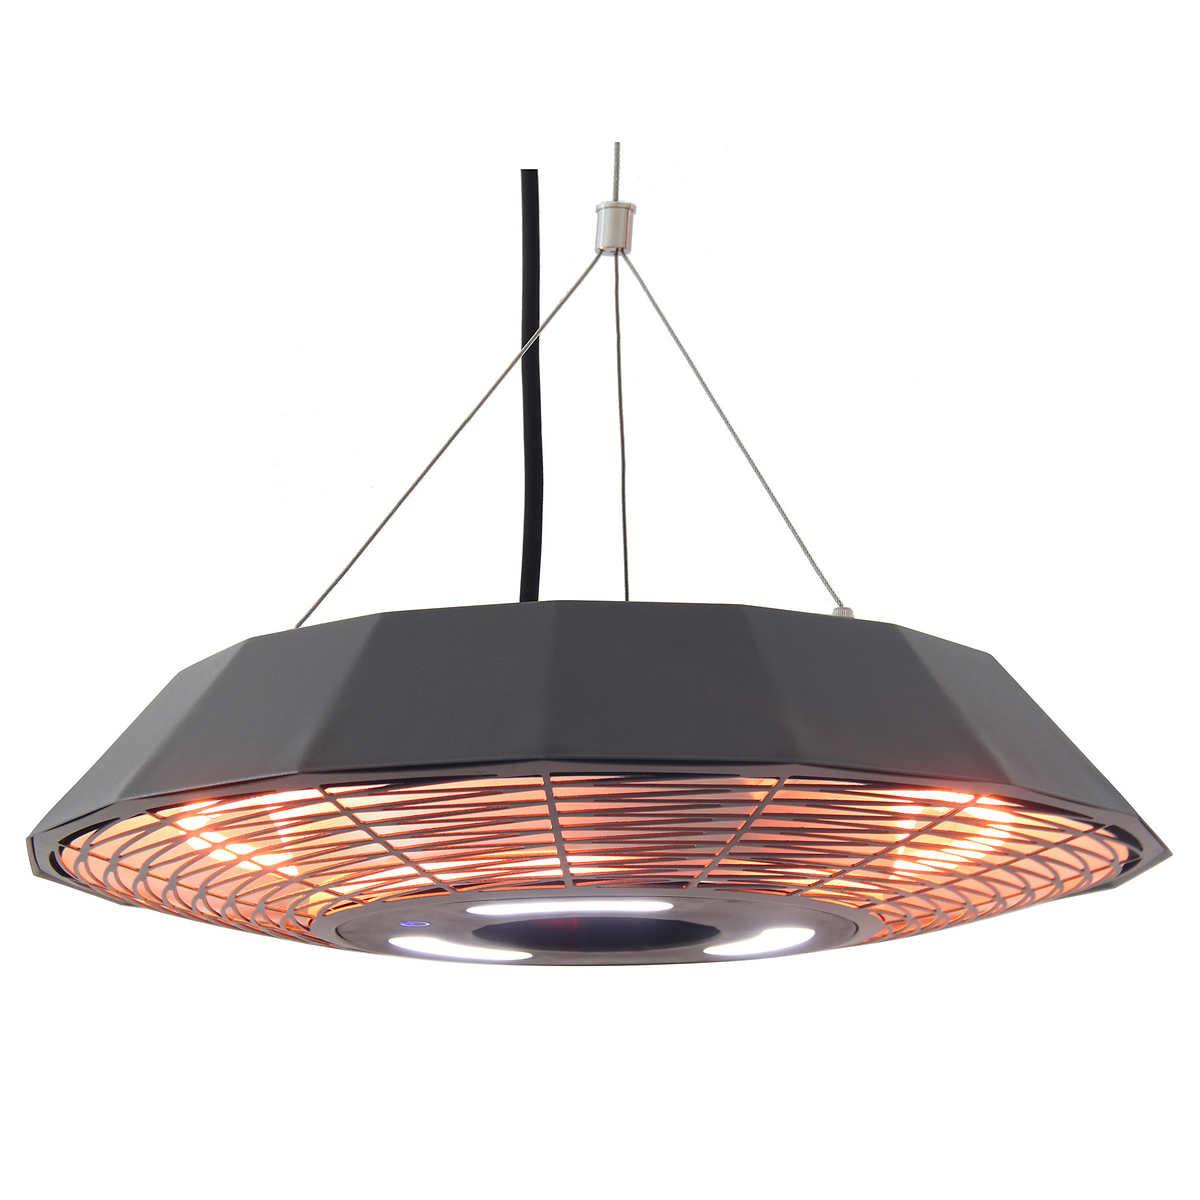 Energ infrared gazebo heater with led light